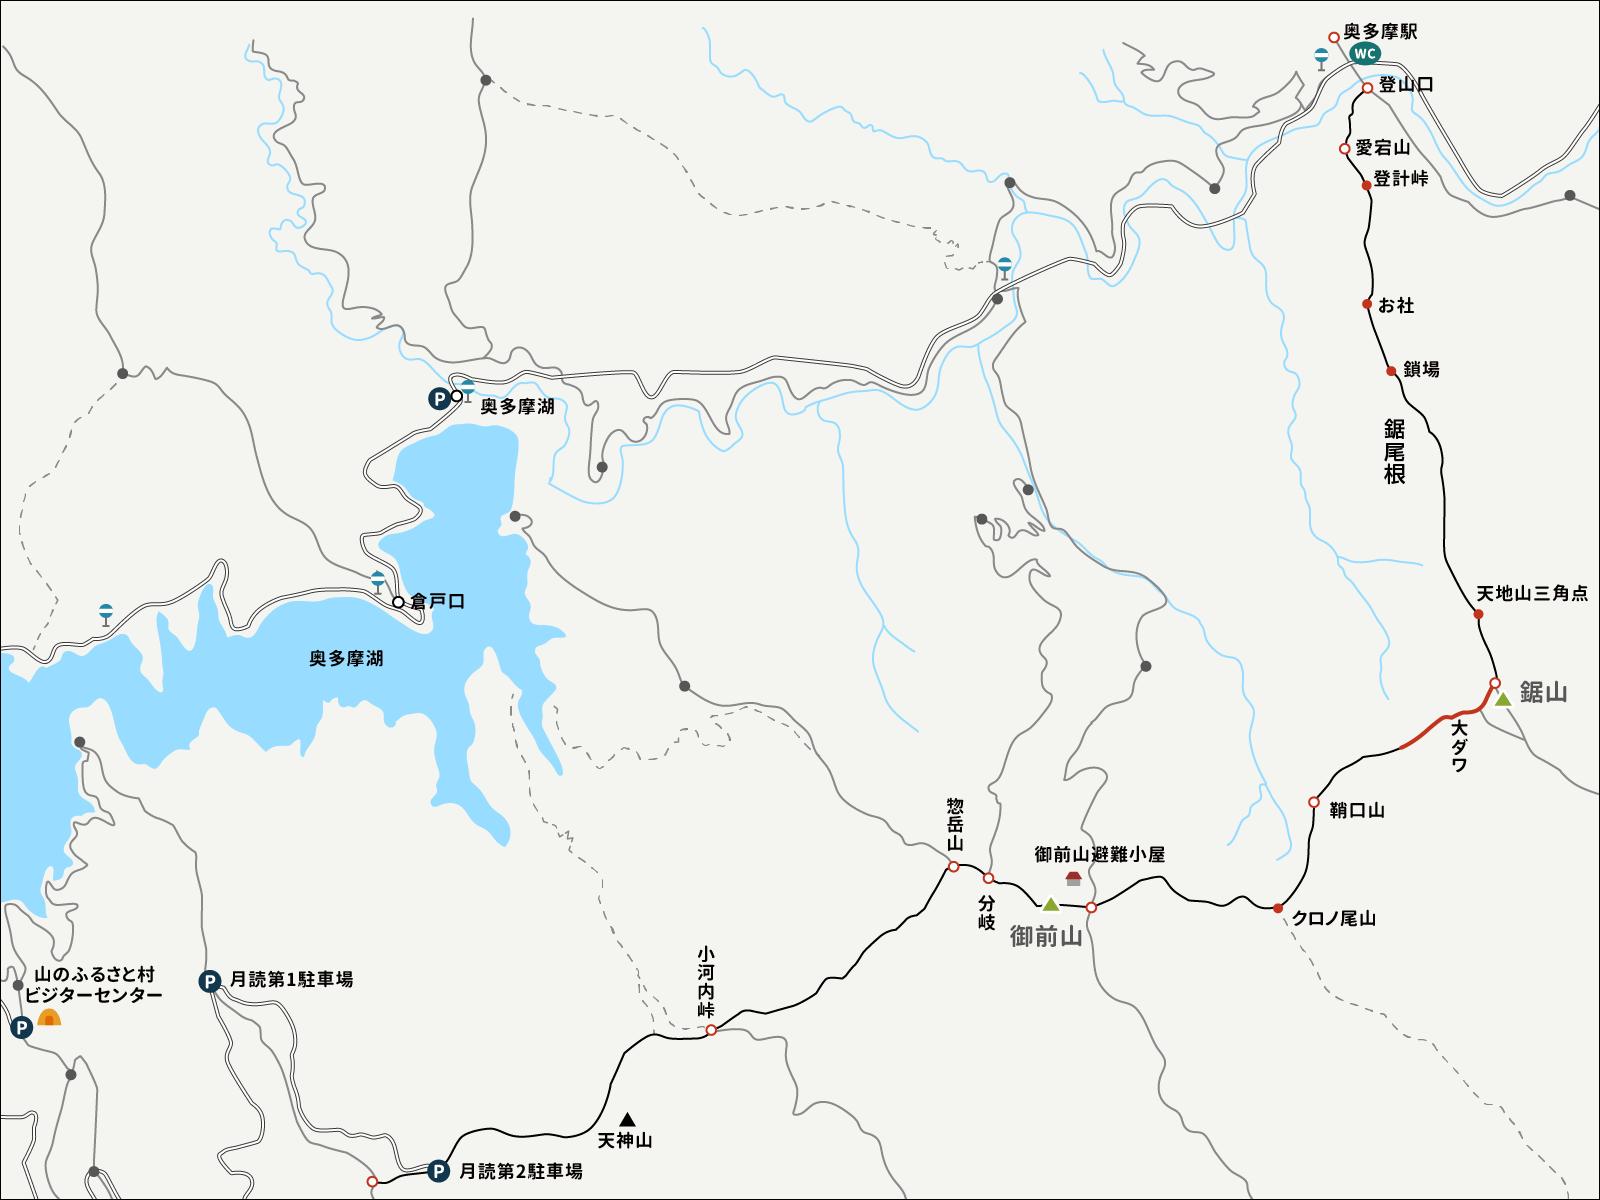 御前山クロノ尾山のイラストマップ